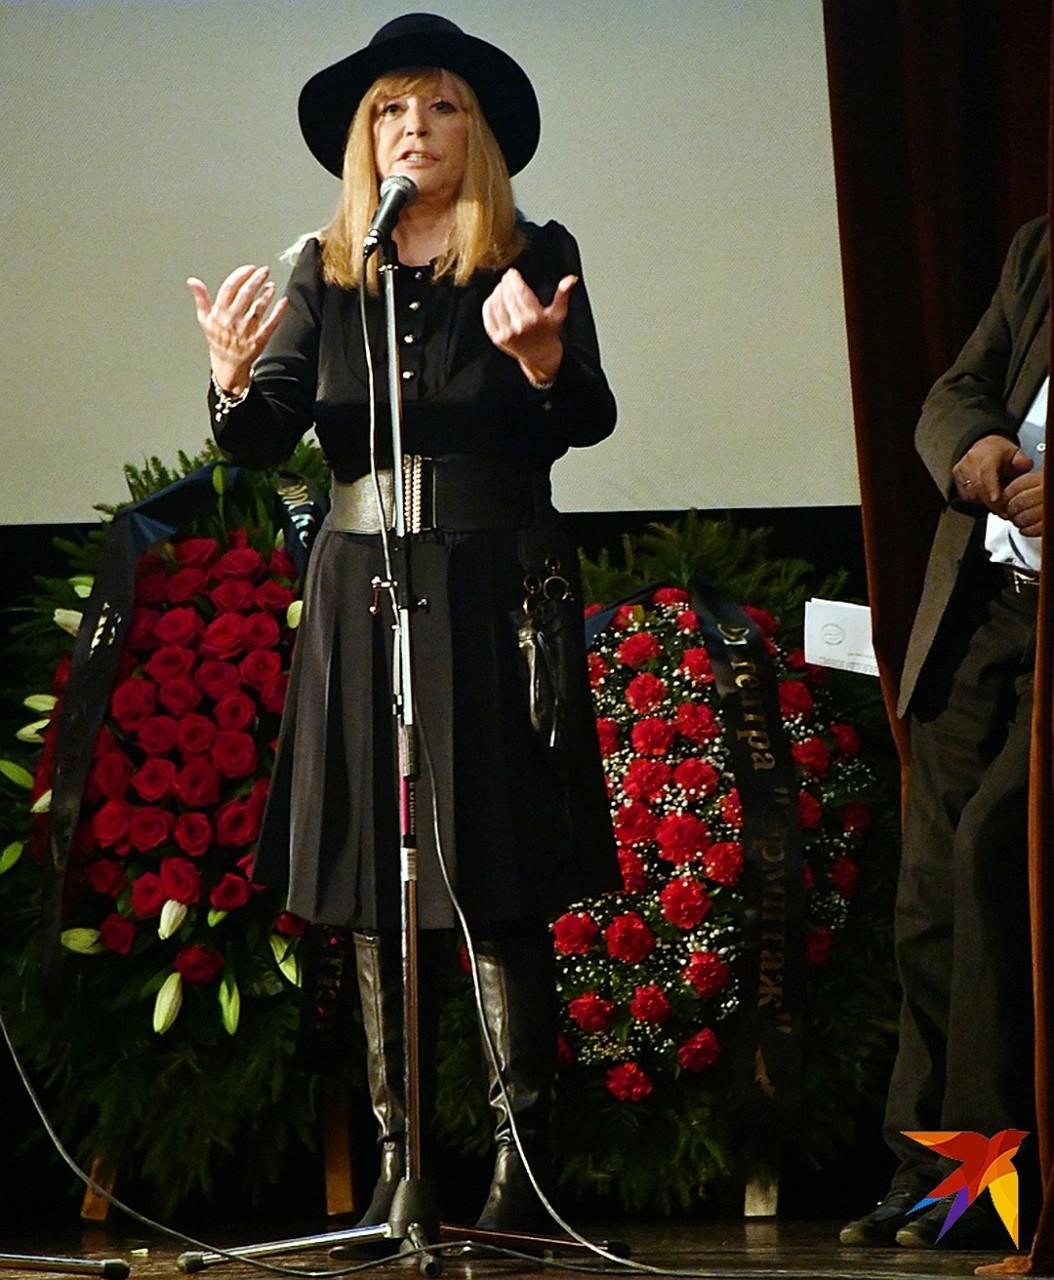 Утром слезы, а вечером веселье: после похорон близкого друга Алла Пугачева отлично провела время на празднике